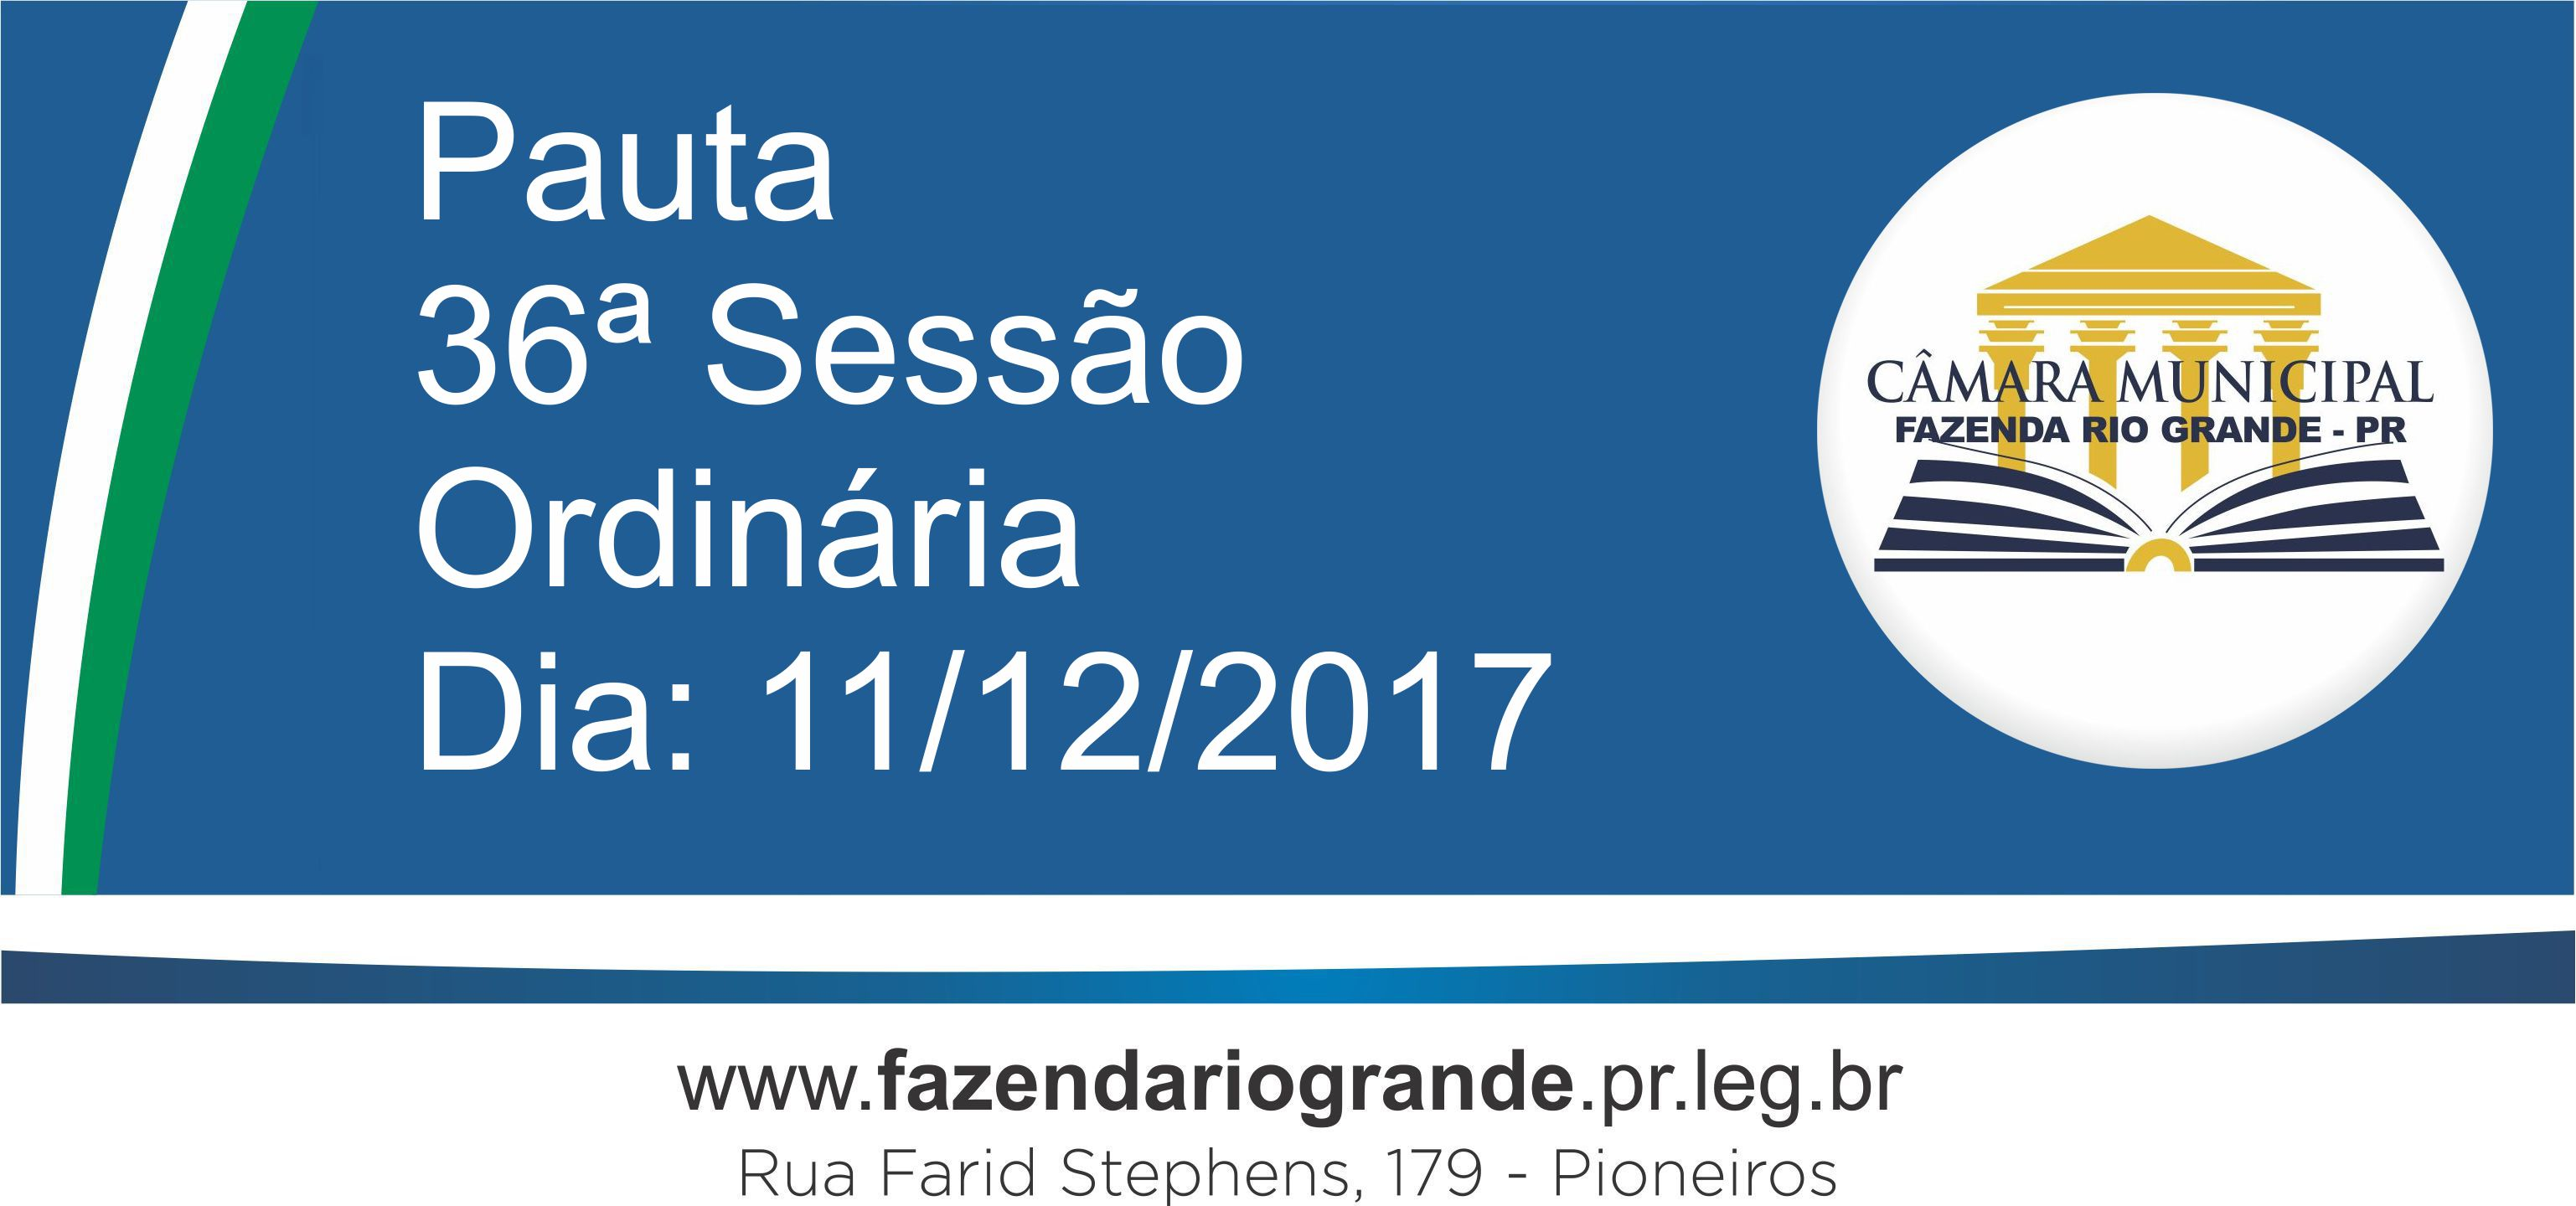 Pauta da 36ª Sessão Ordinária 11/12/2017